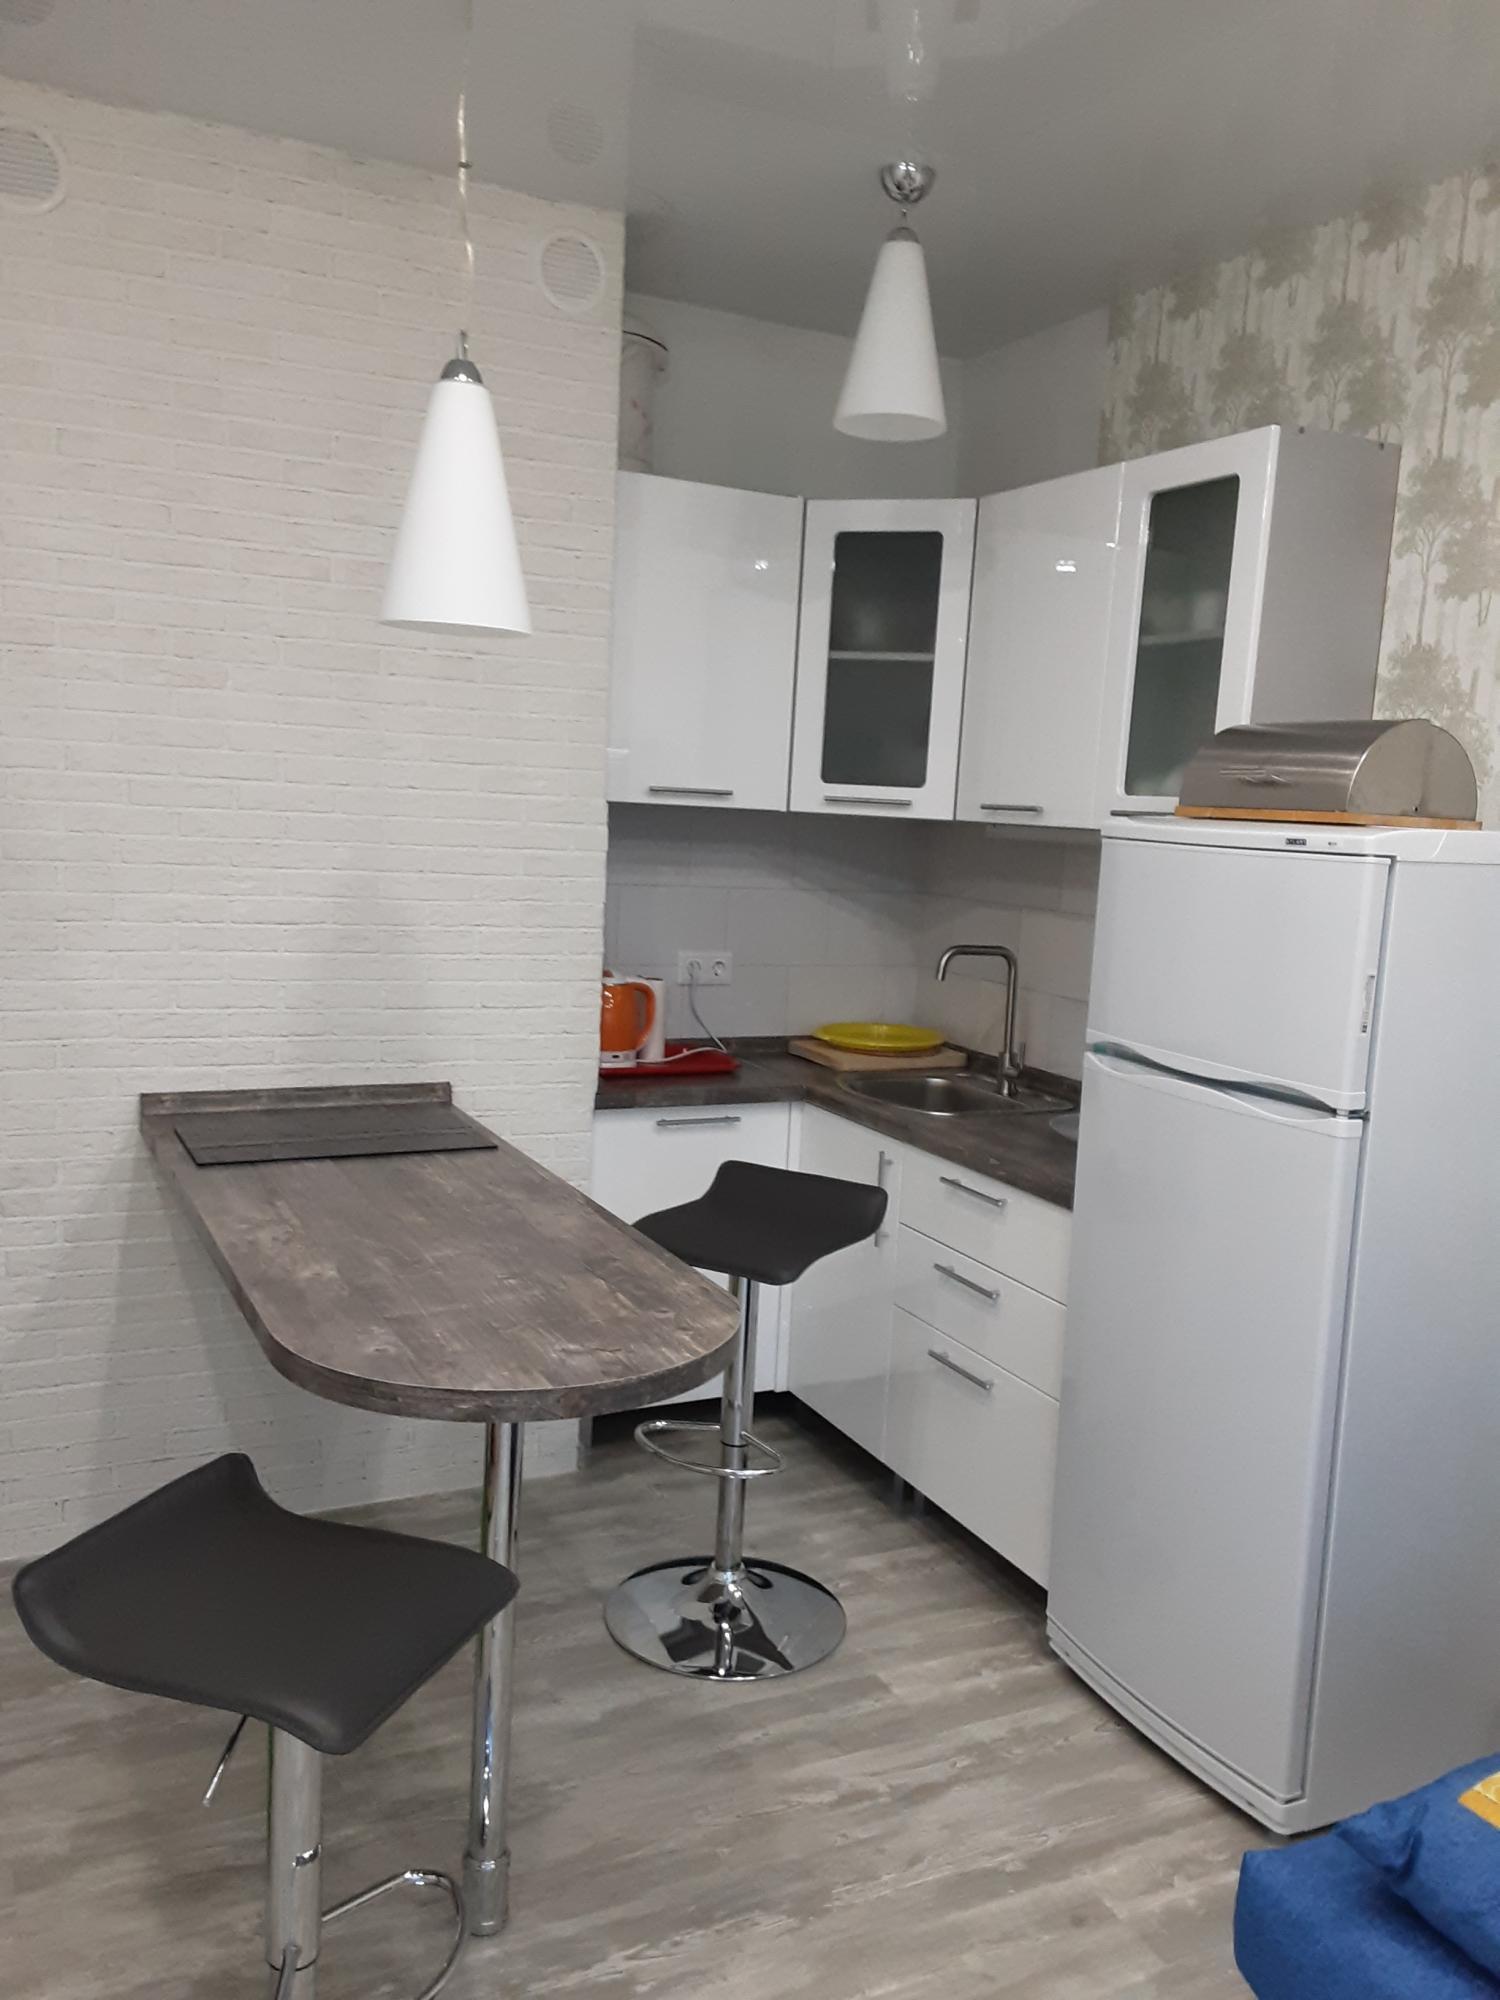 Квартира, студия, 26 м² в Люберцах 89773577037 купить 1